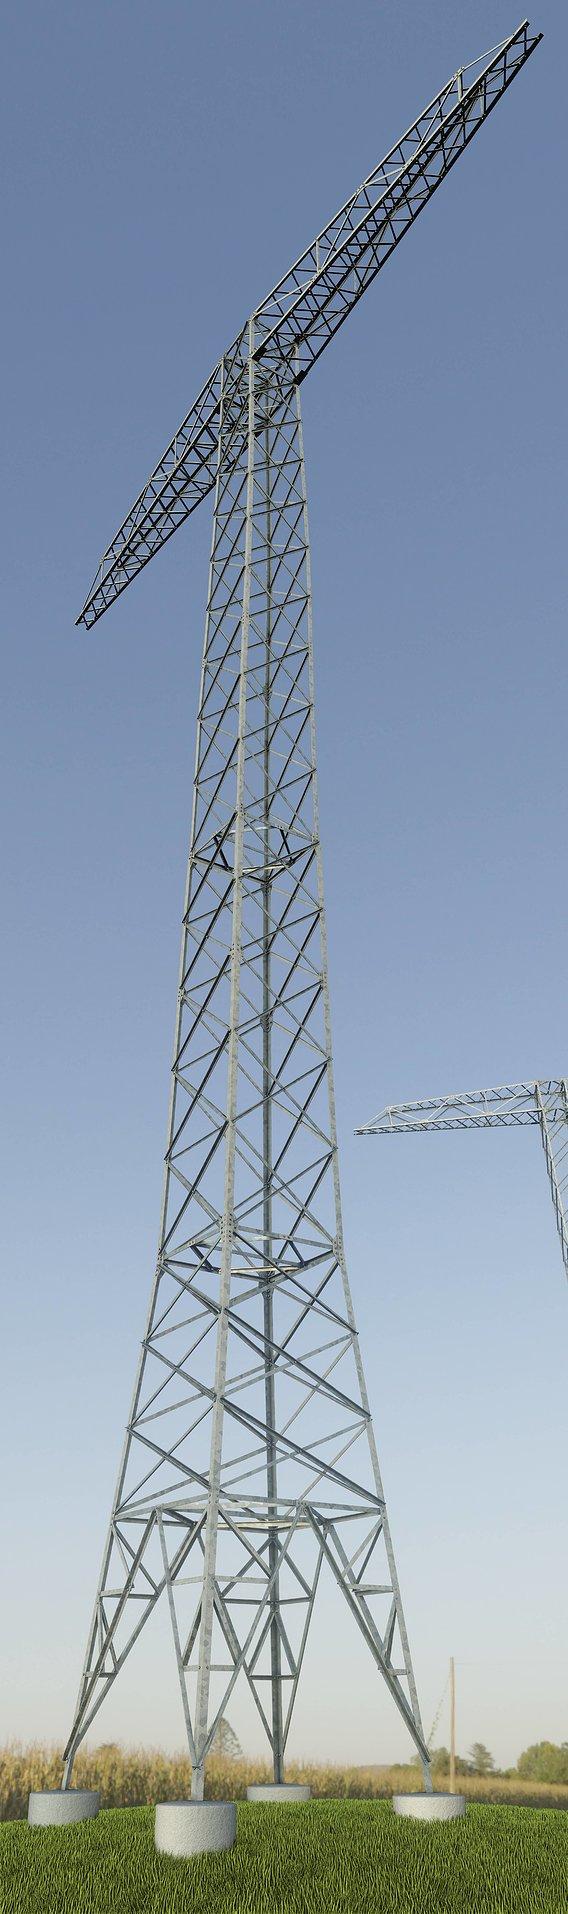 Transmission Tower 32 Meter